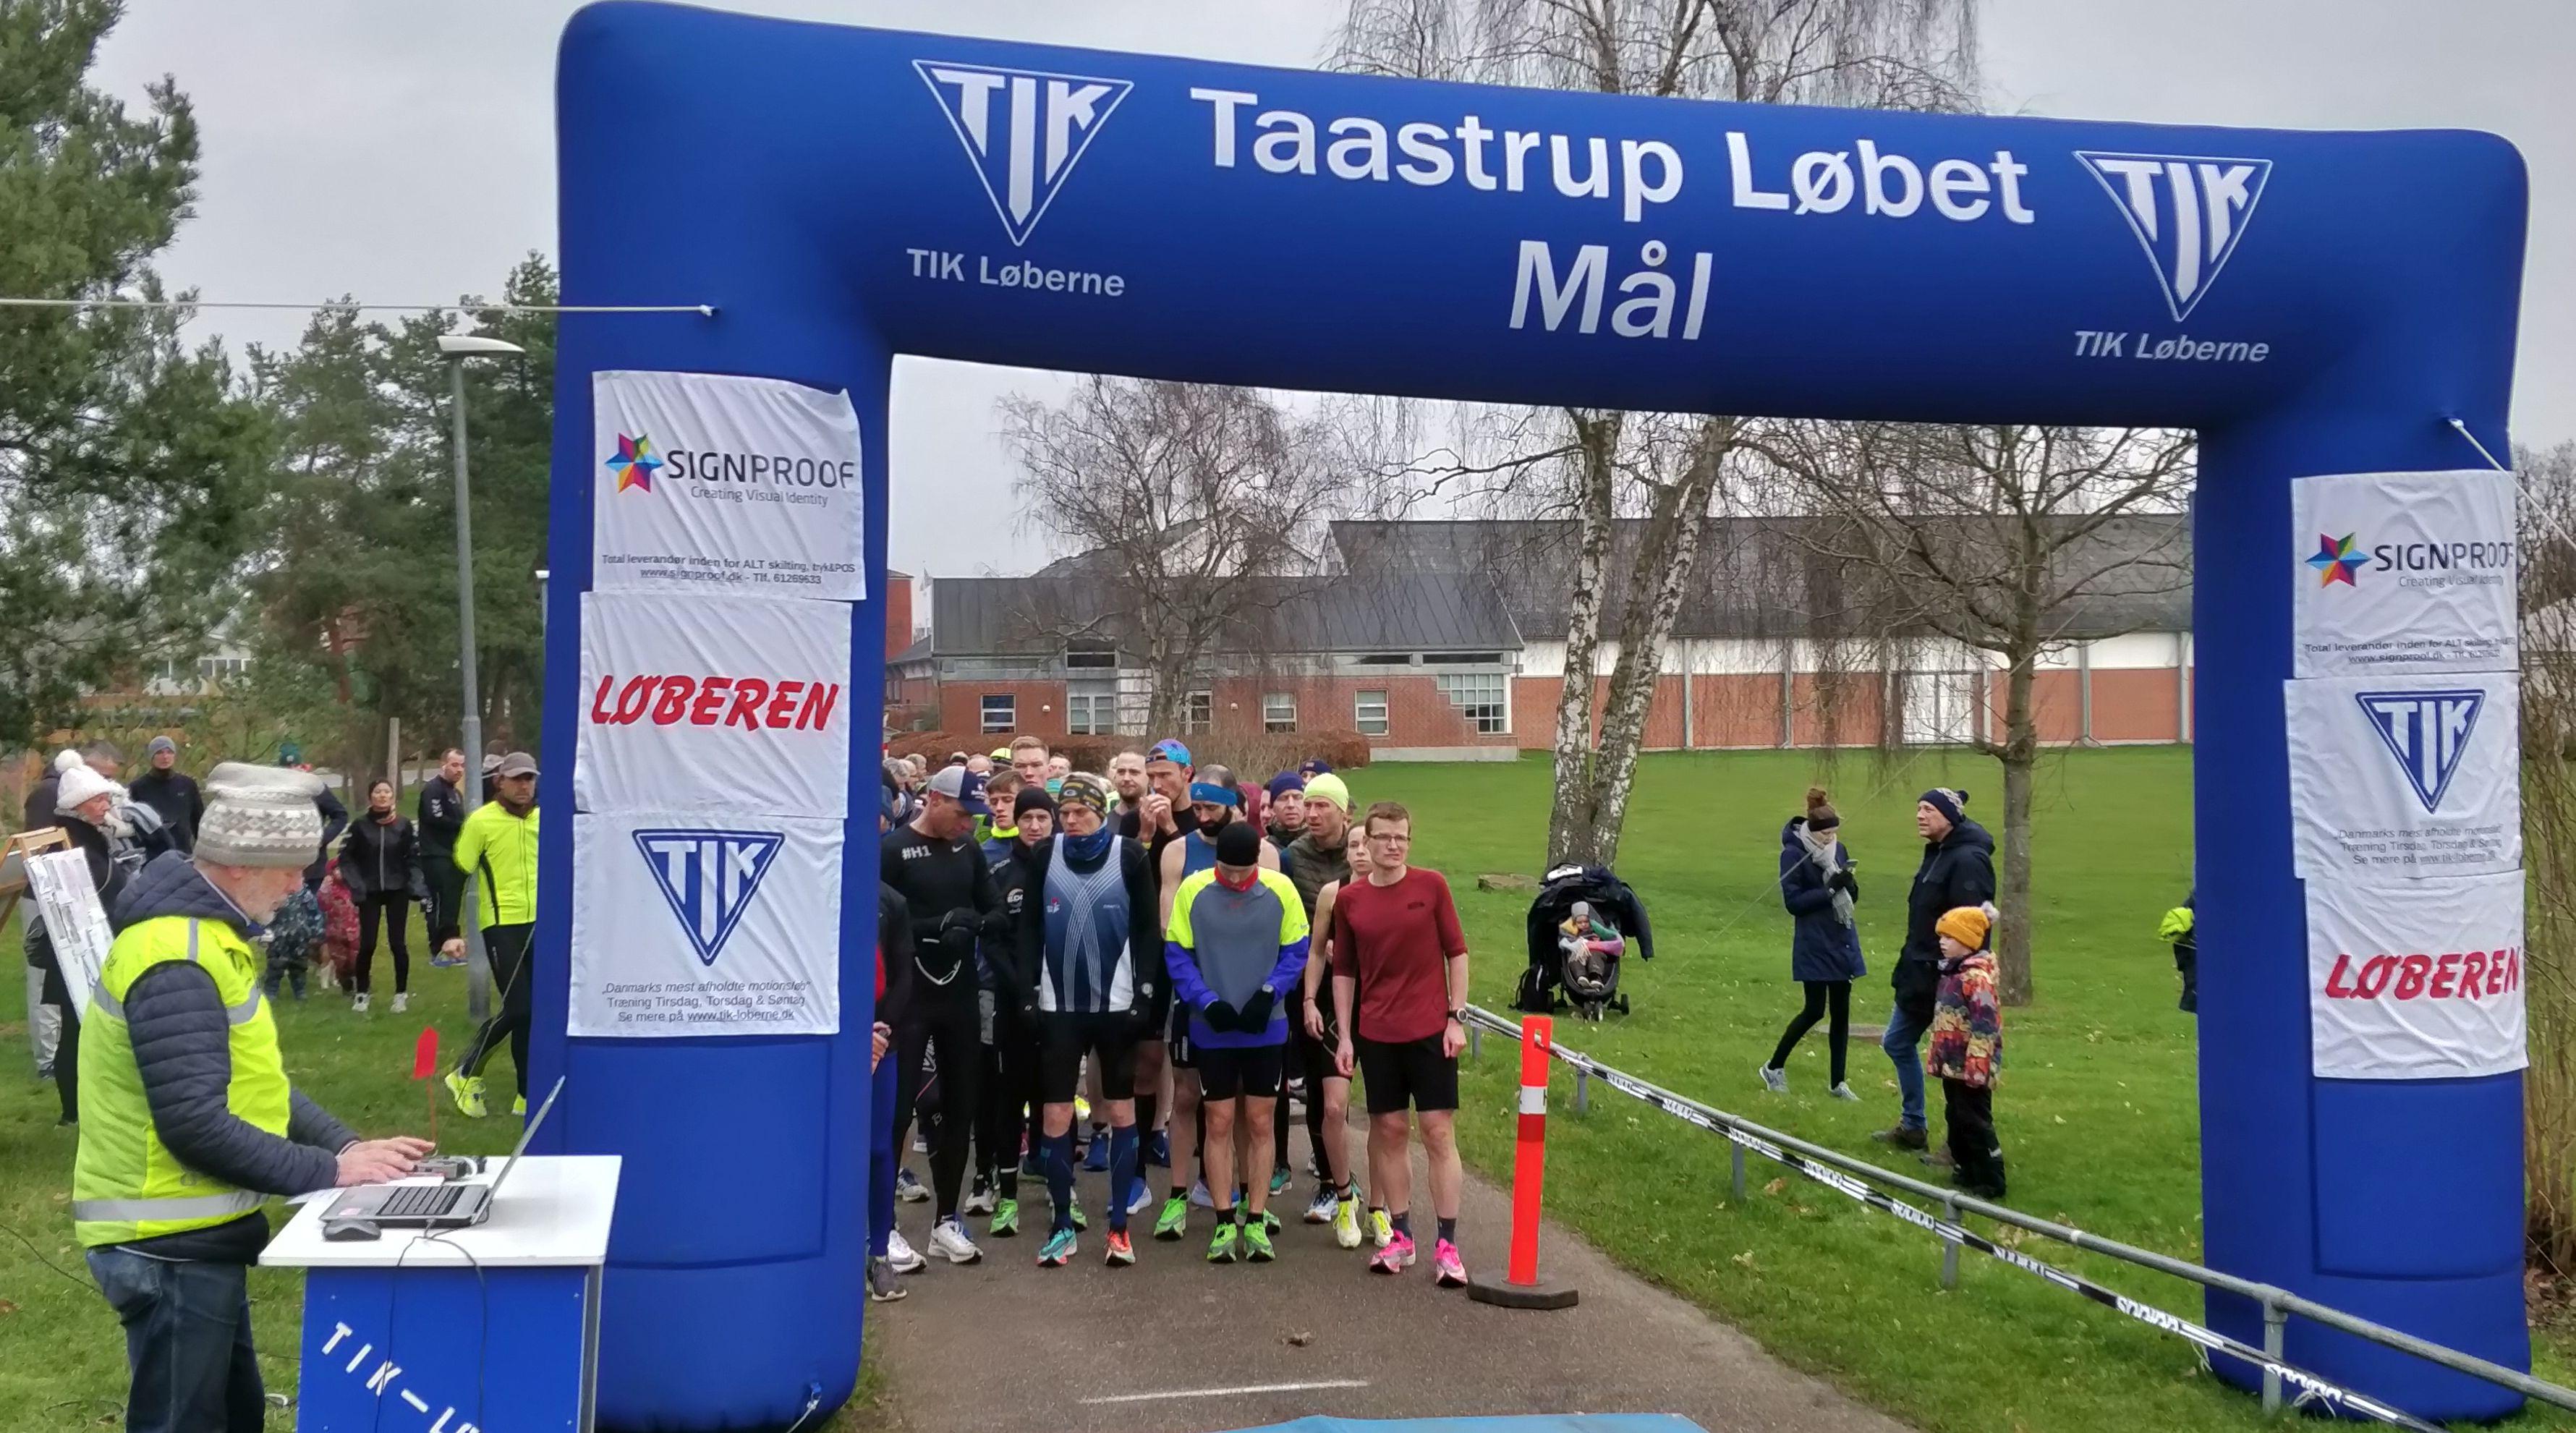 2020-02-09-290-Taastrup-Løbet-2020-02